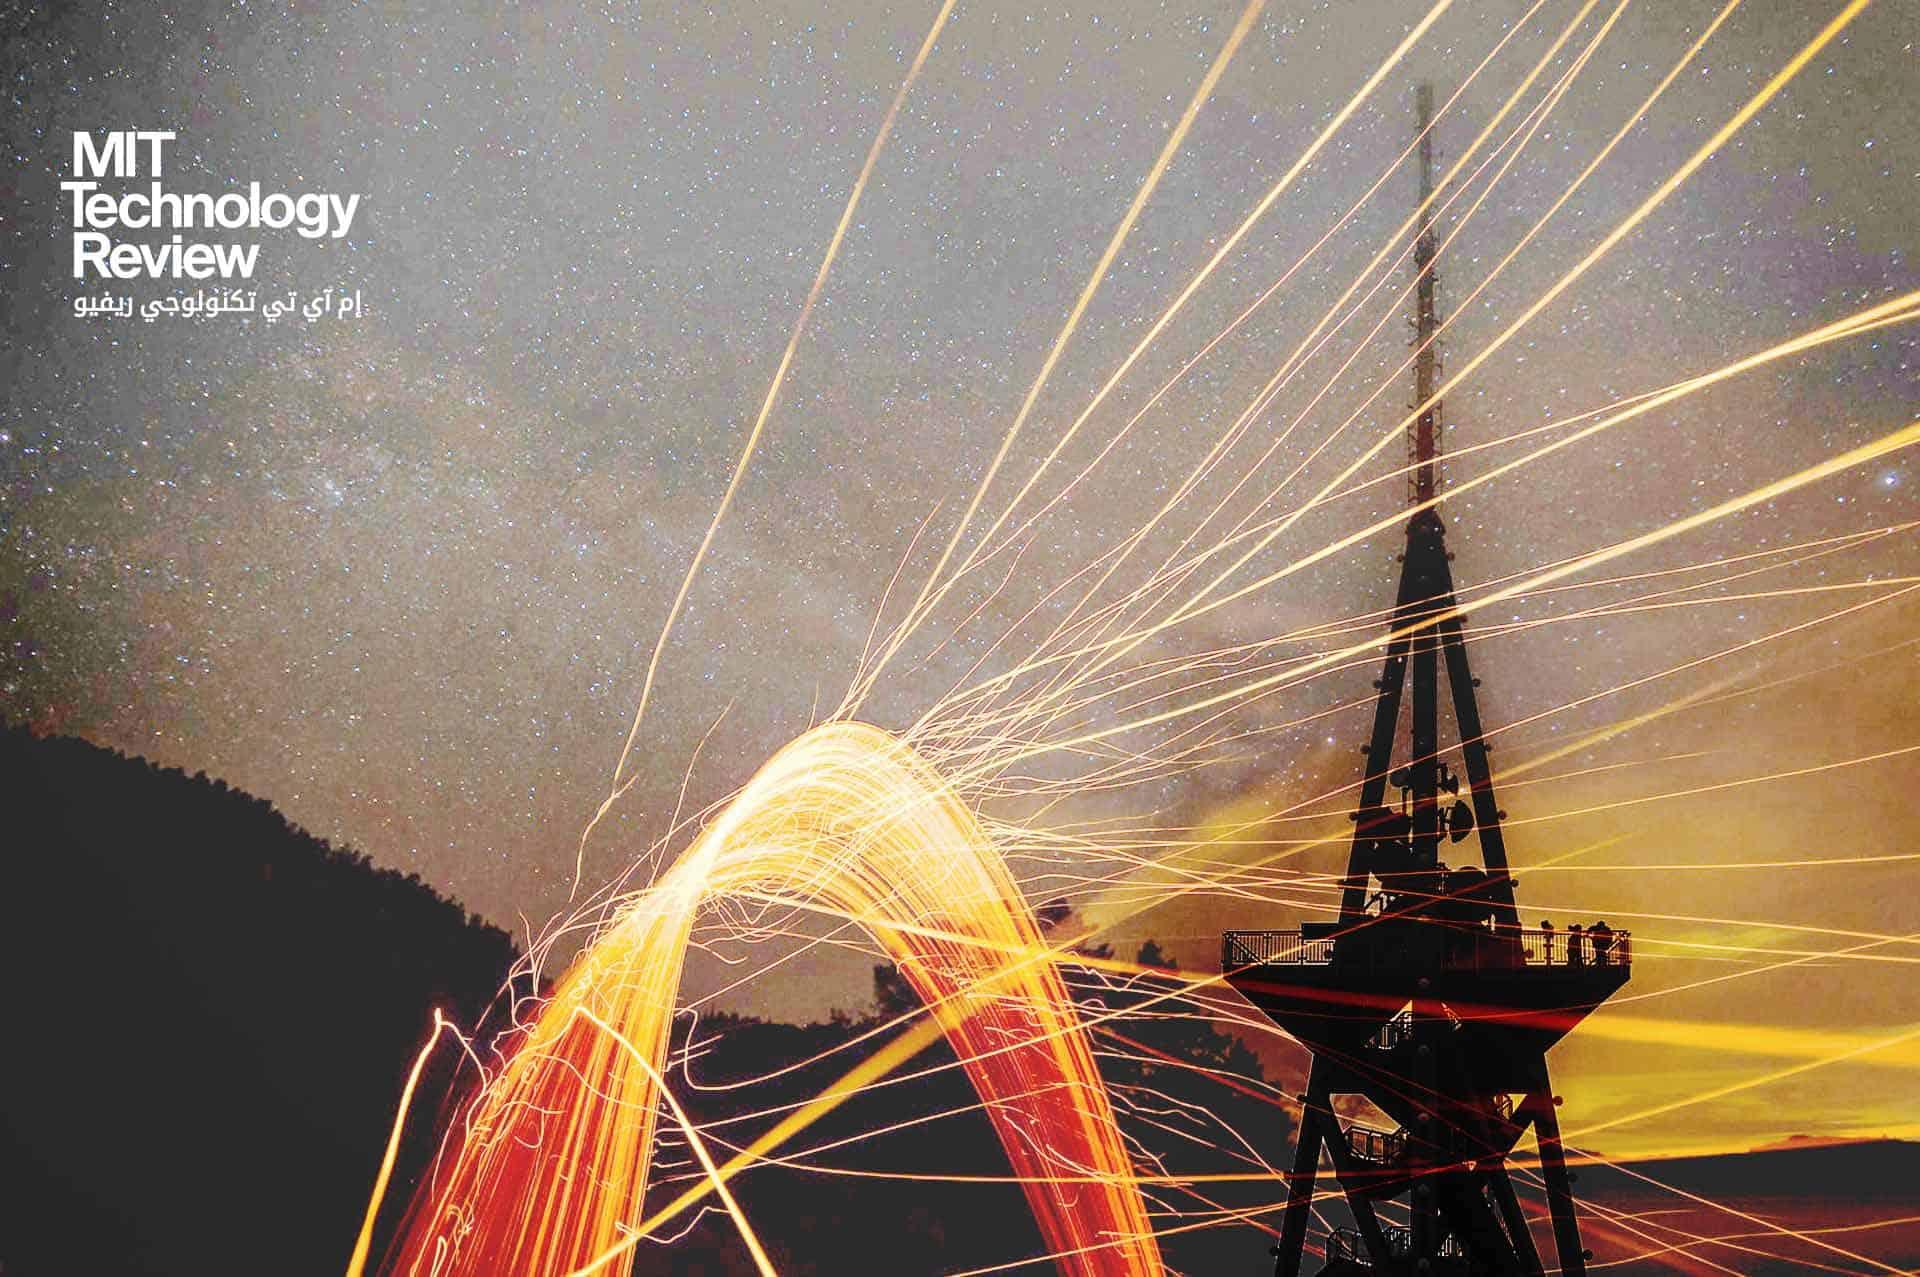 استكشاف المشهد المعقد إستراتيجياً لتقنيات الشبكات منخفضة الطاقة واسعة النطاق